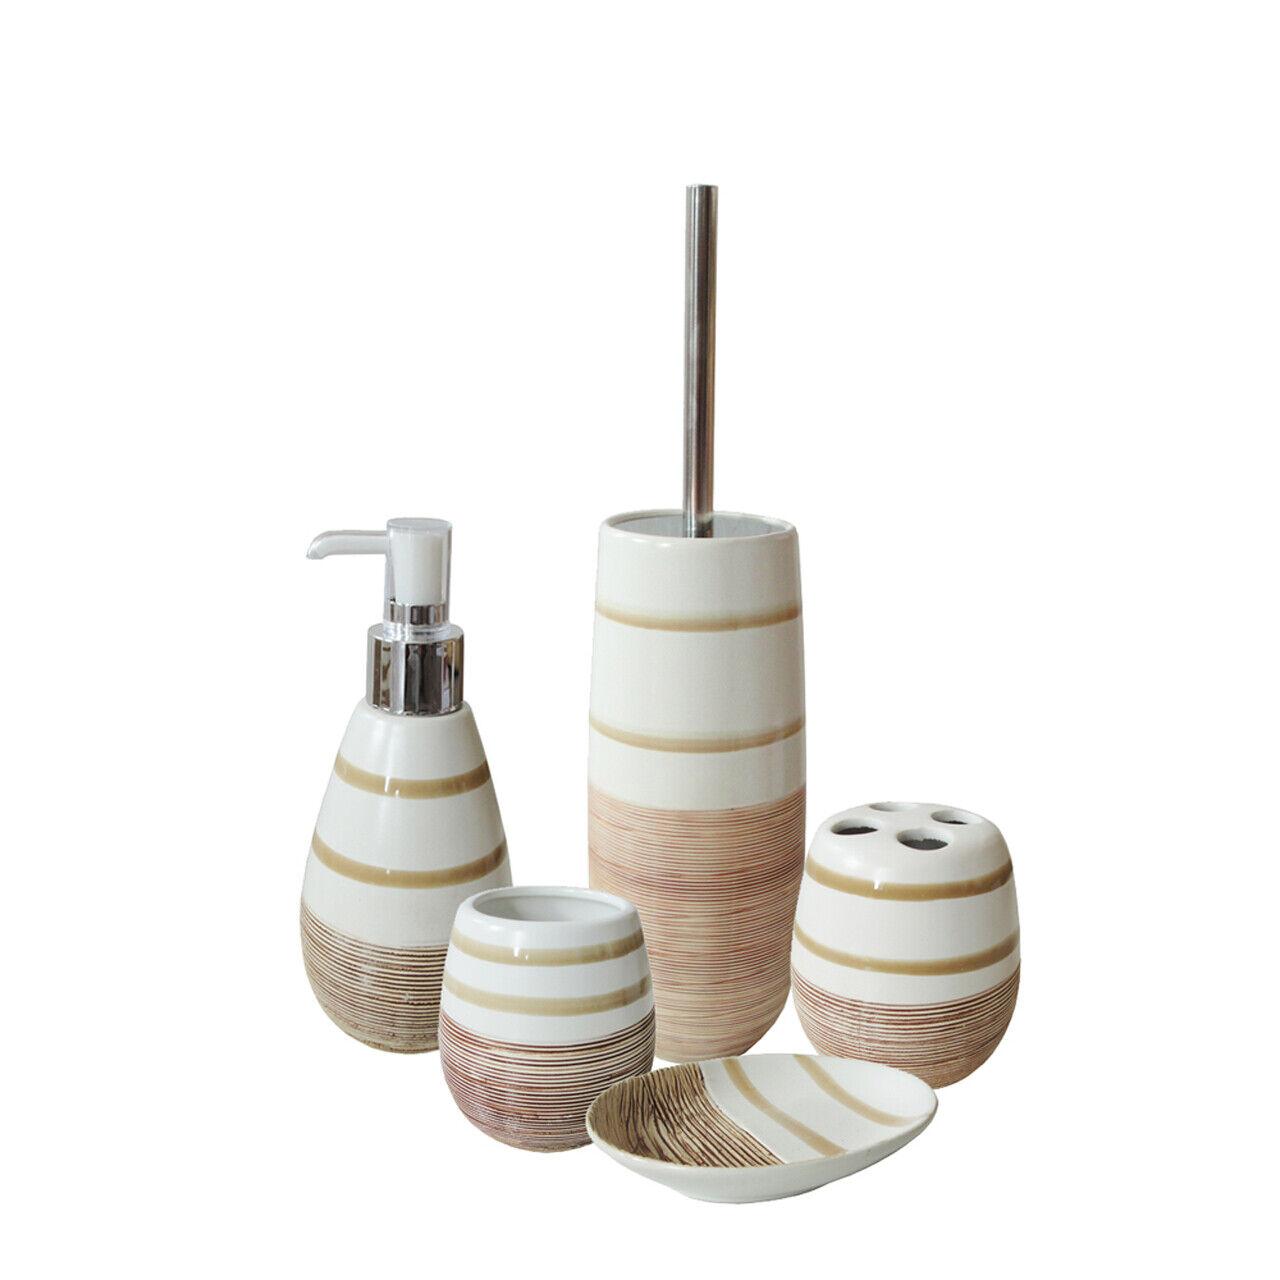 5 tlg. Beiges Badset OPAL - Seifenspender Becher Klobürste Seifenschale | Große Auswahl